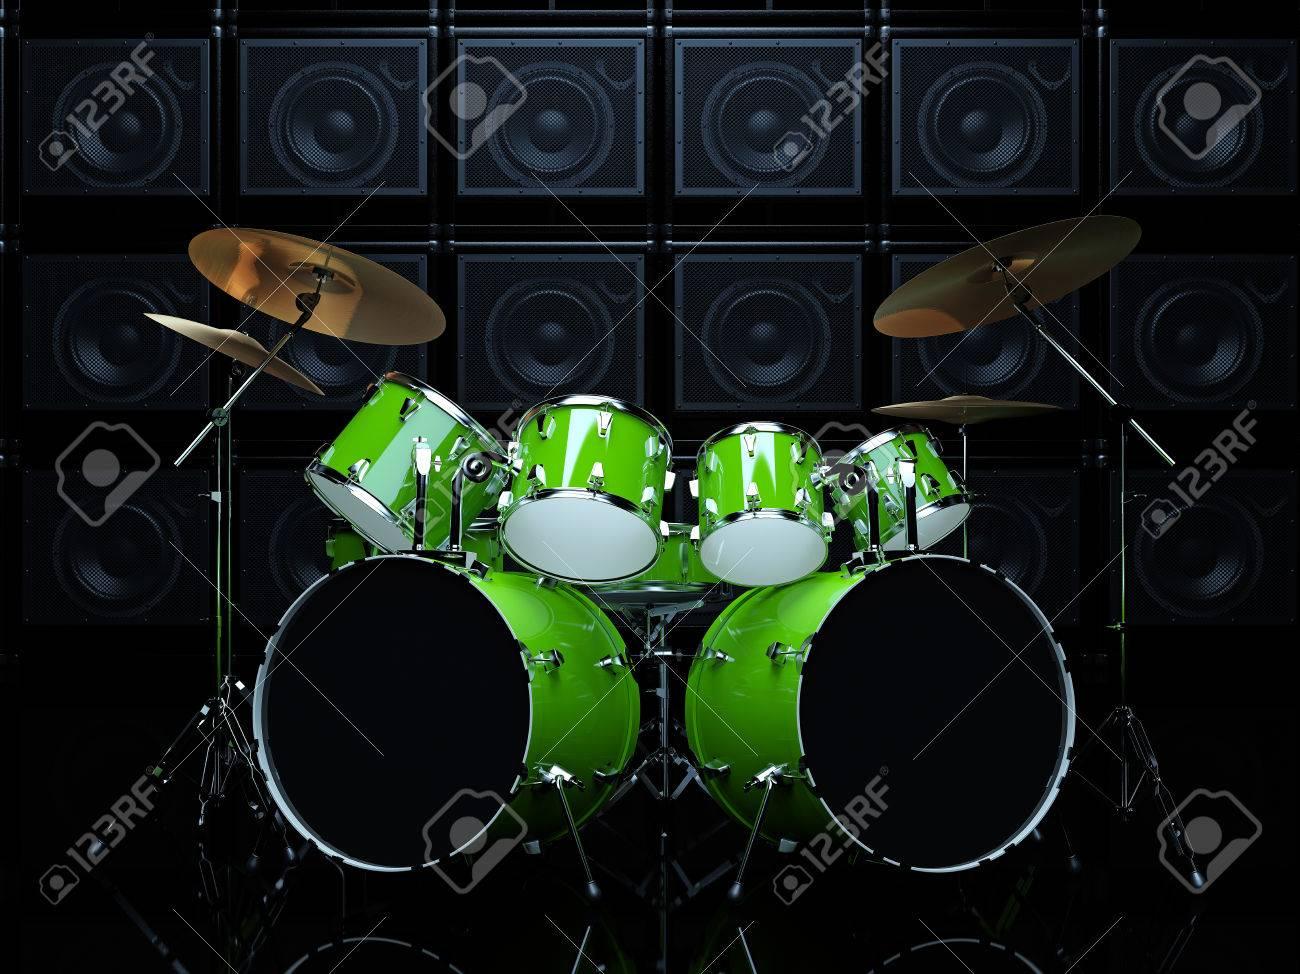 Coole Drum Set Vor Dem Hintergrund Der Grünen Wand Der Gitarre Amps